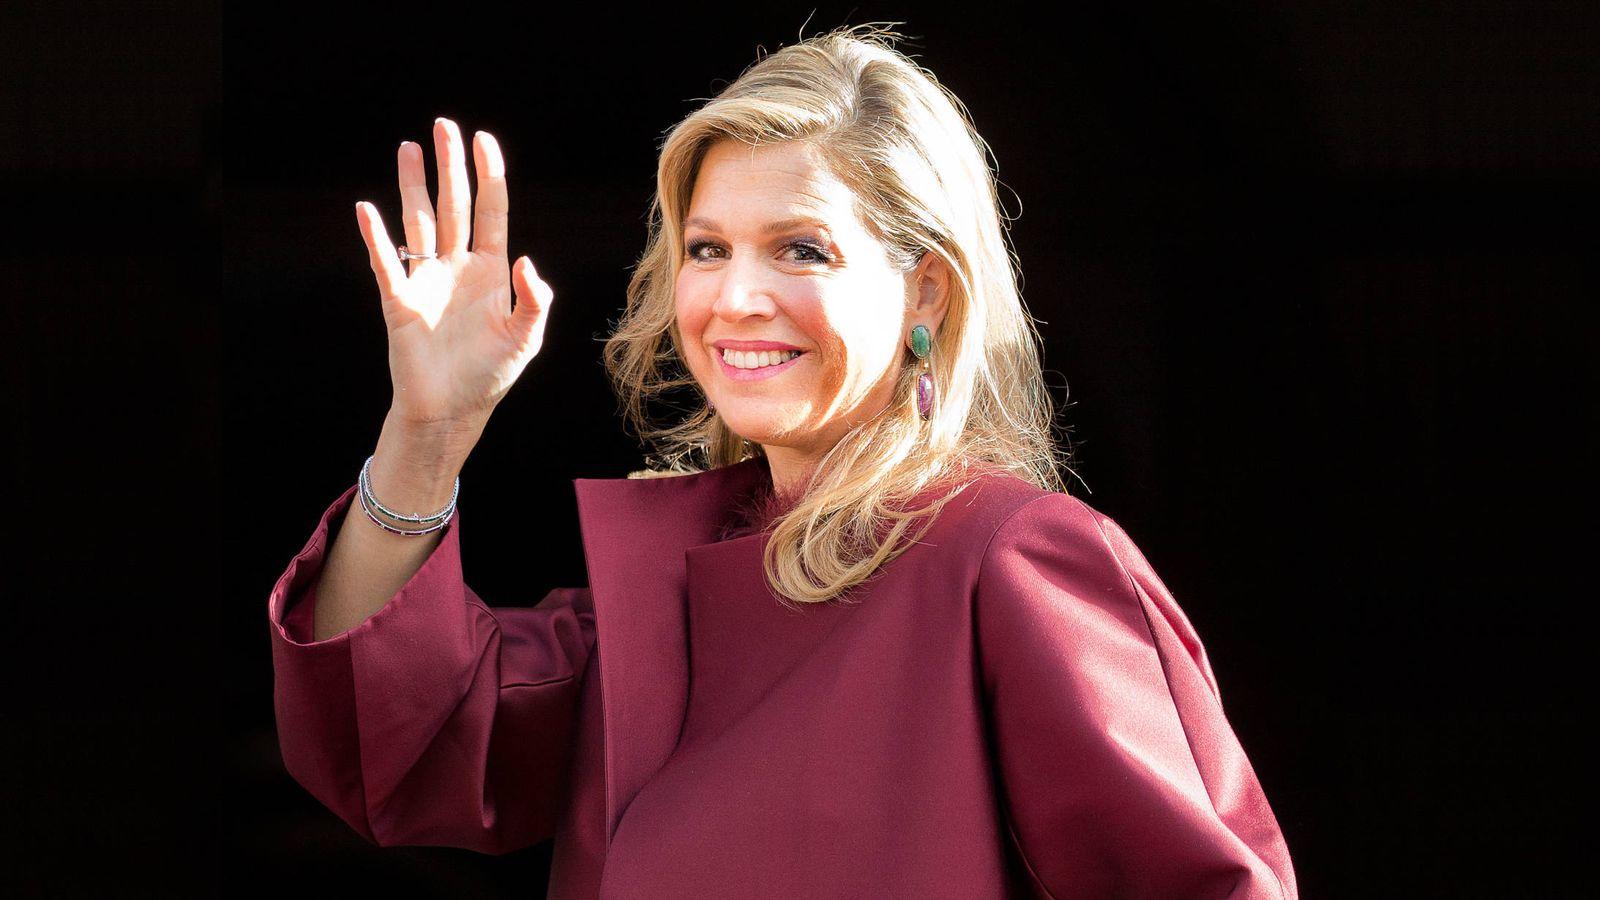 Foto: Máxima de Holanda, una de las royals que participan en el Foro de Davos. (Gtres)